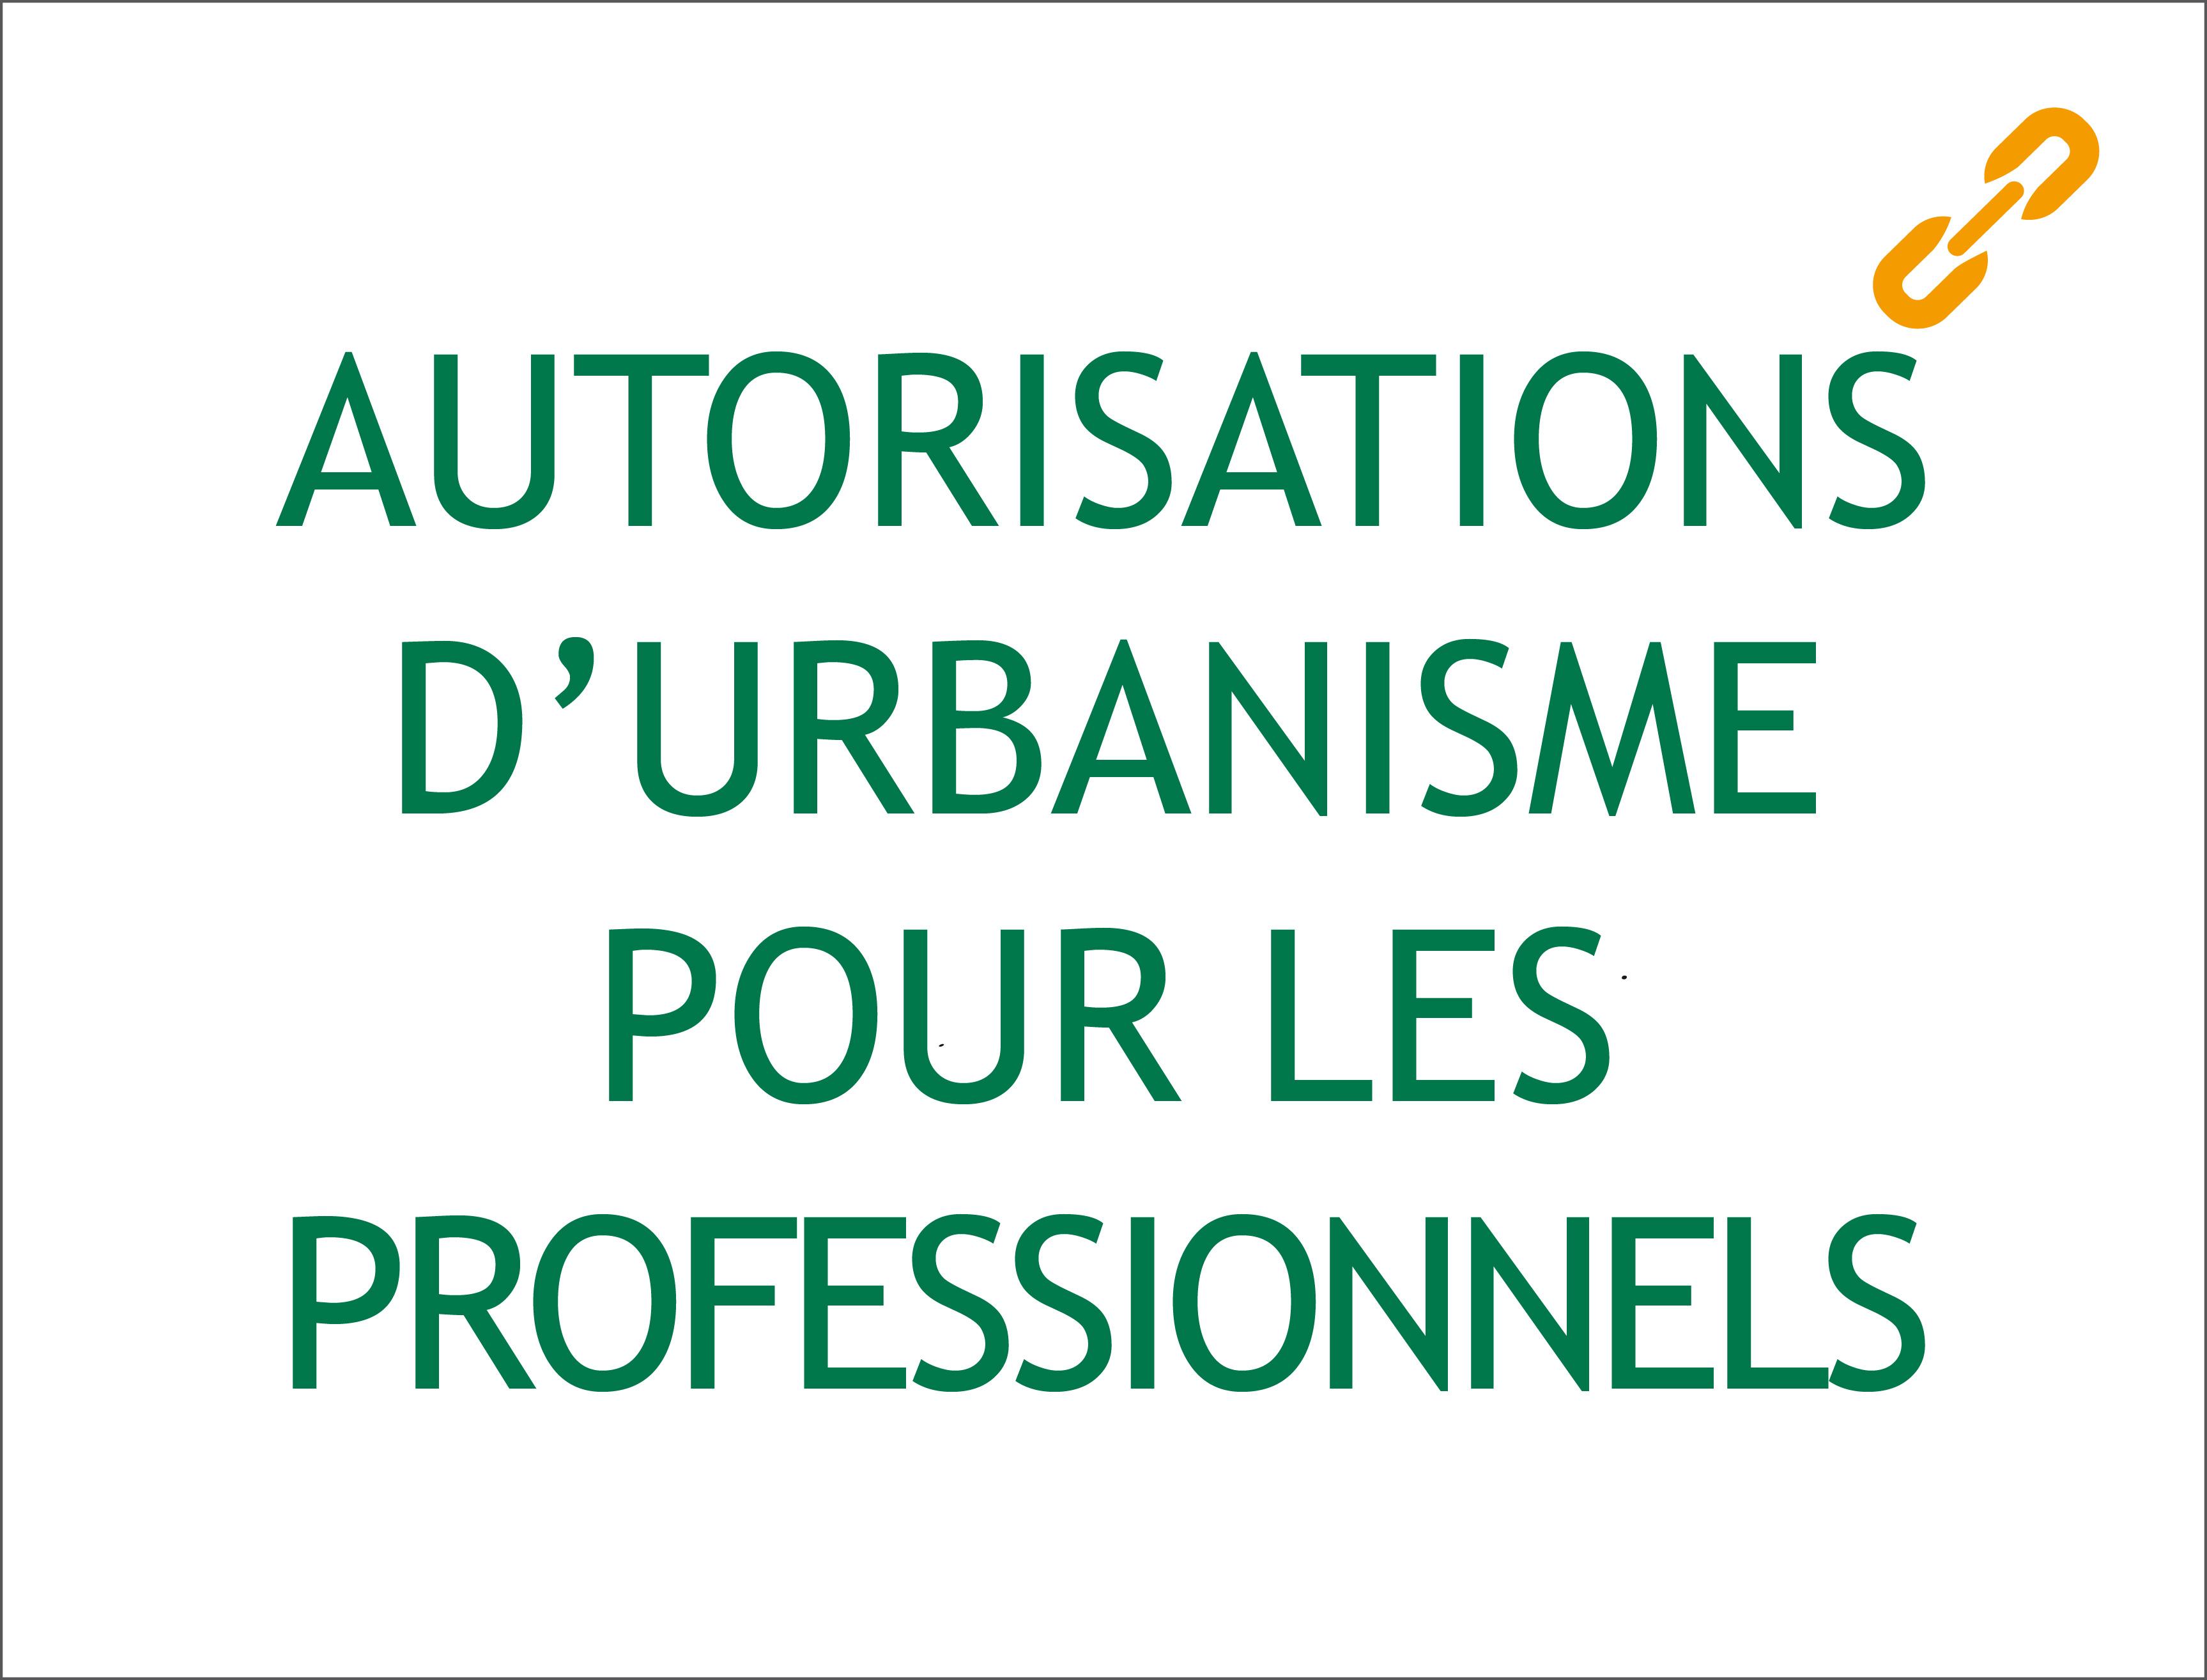 AUTORISATIONS D'URBANISME POUR LES PROFESSIONNELS